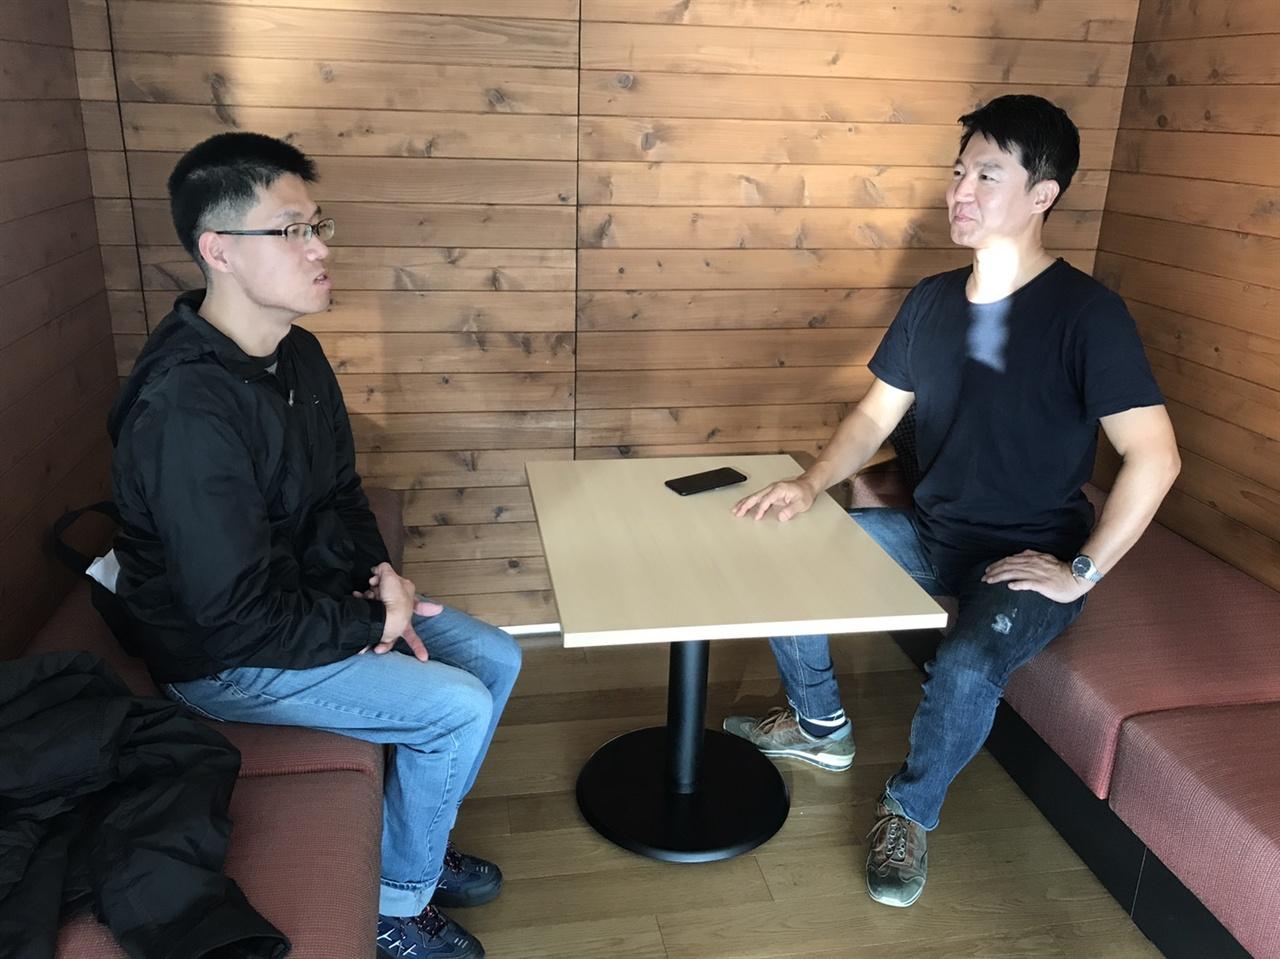 신동진 MBC 아나운서가 <오마이뉴스>와 인터뷰를 하고 있다.